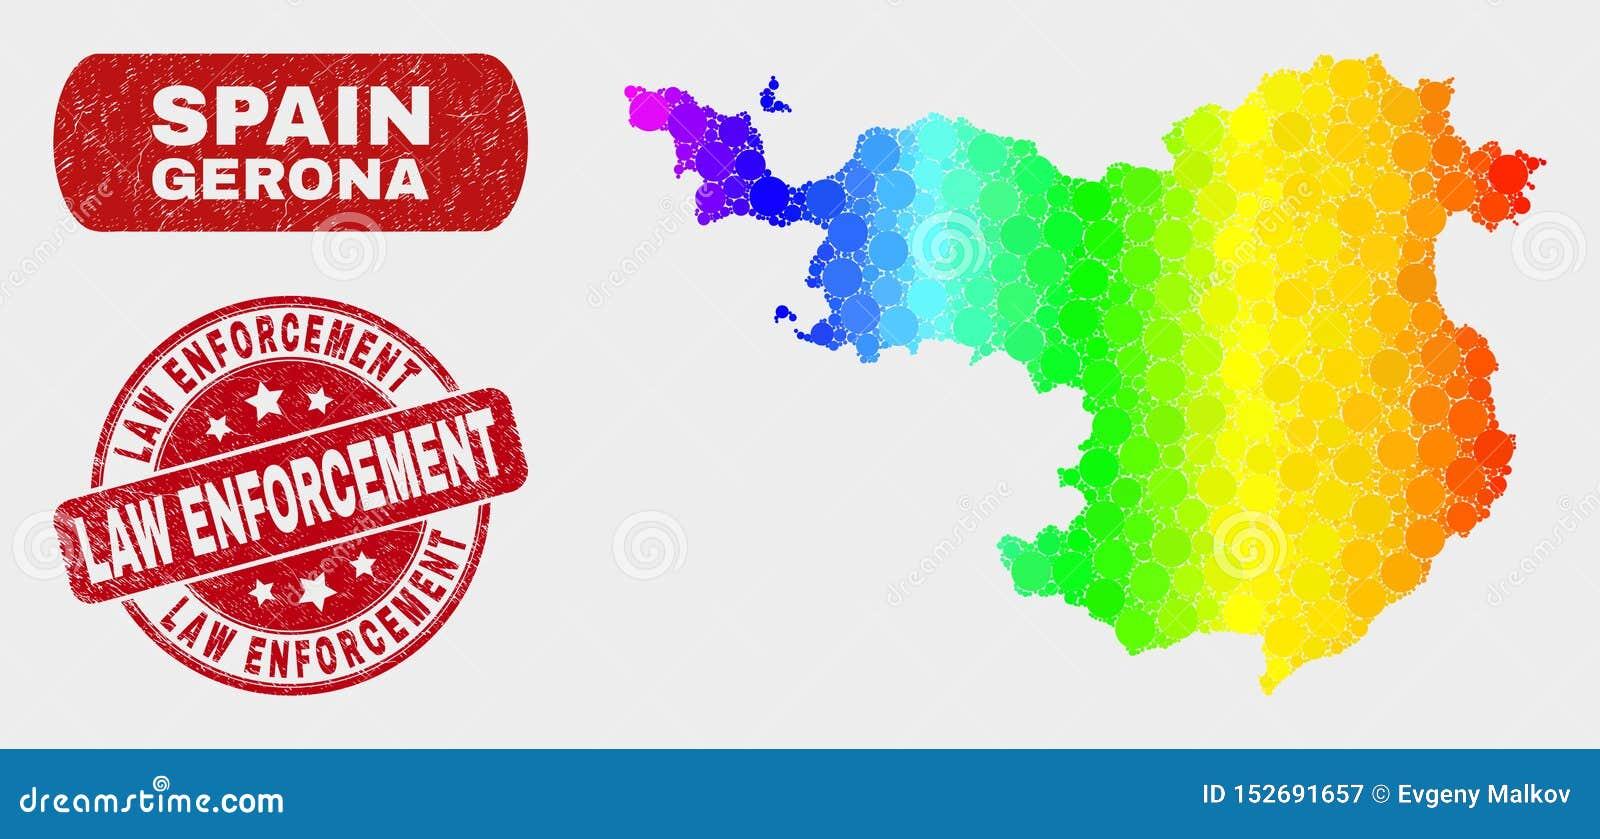 Mapa de la provincia de Gerona del mosaico del espectro y sello de la aplicación de ley del Grunge